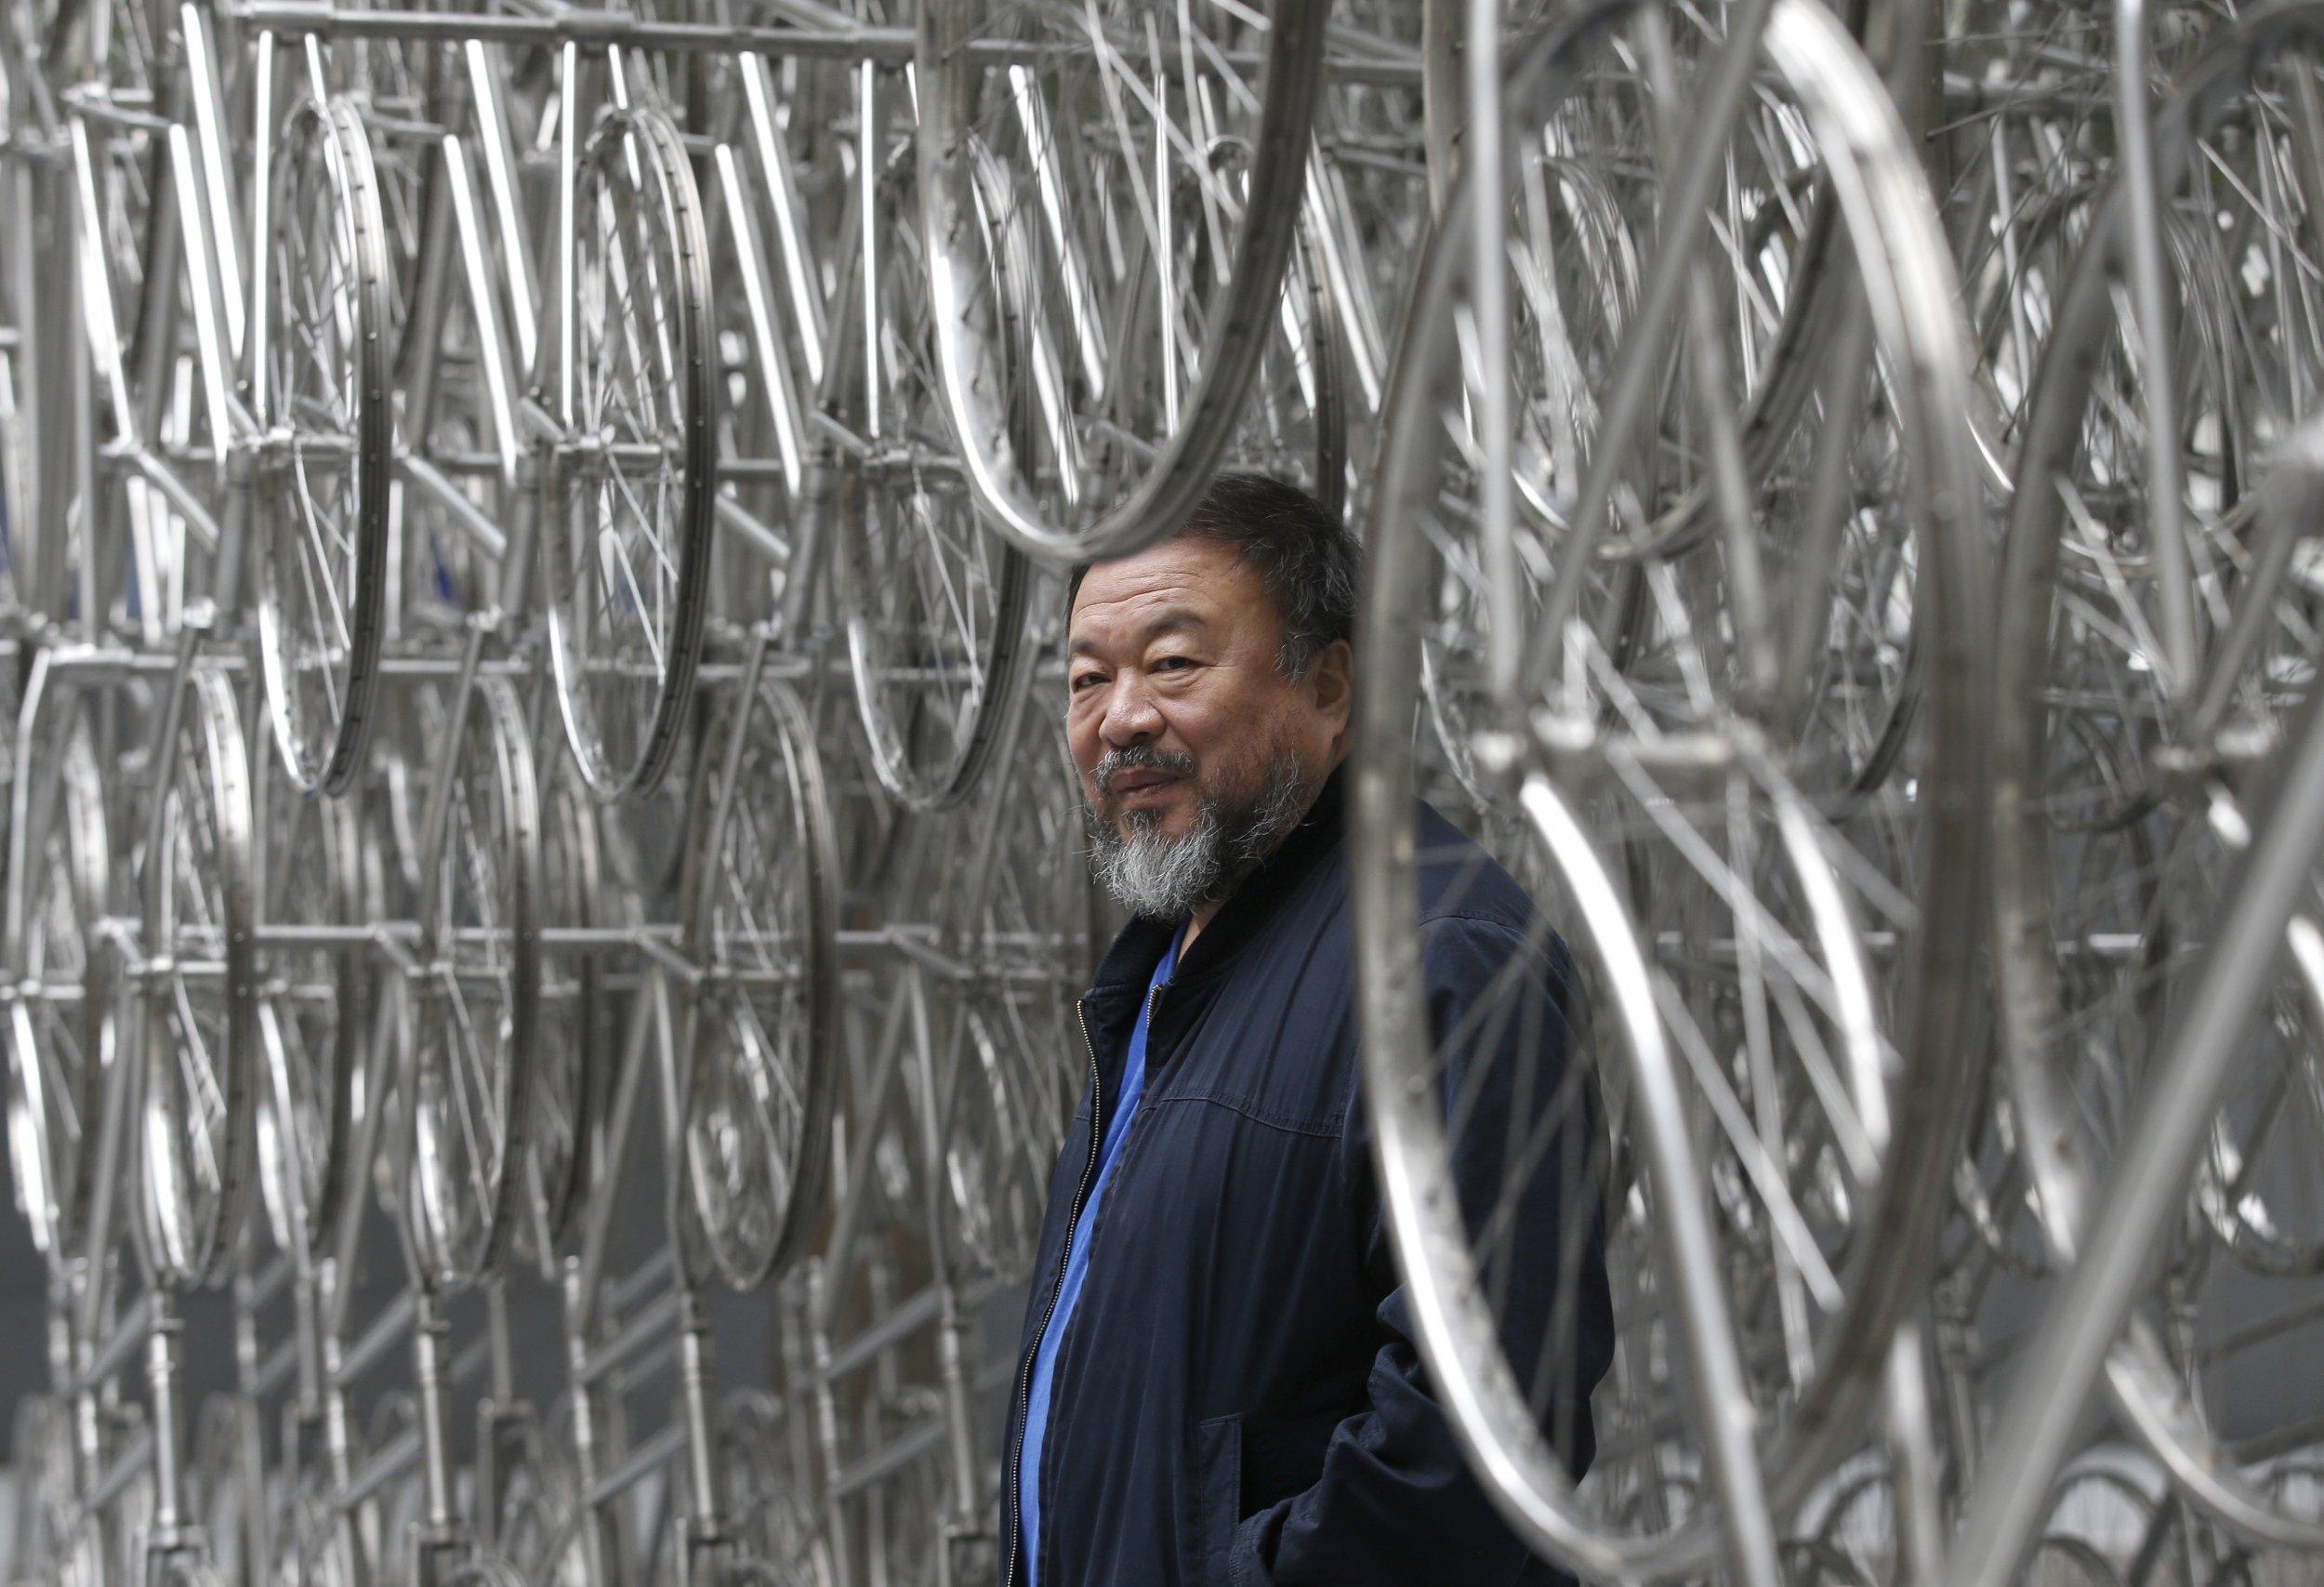 10-15-15 Ai Weiwei